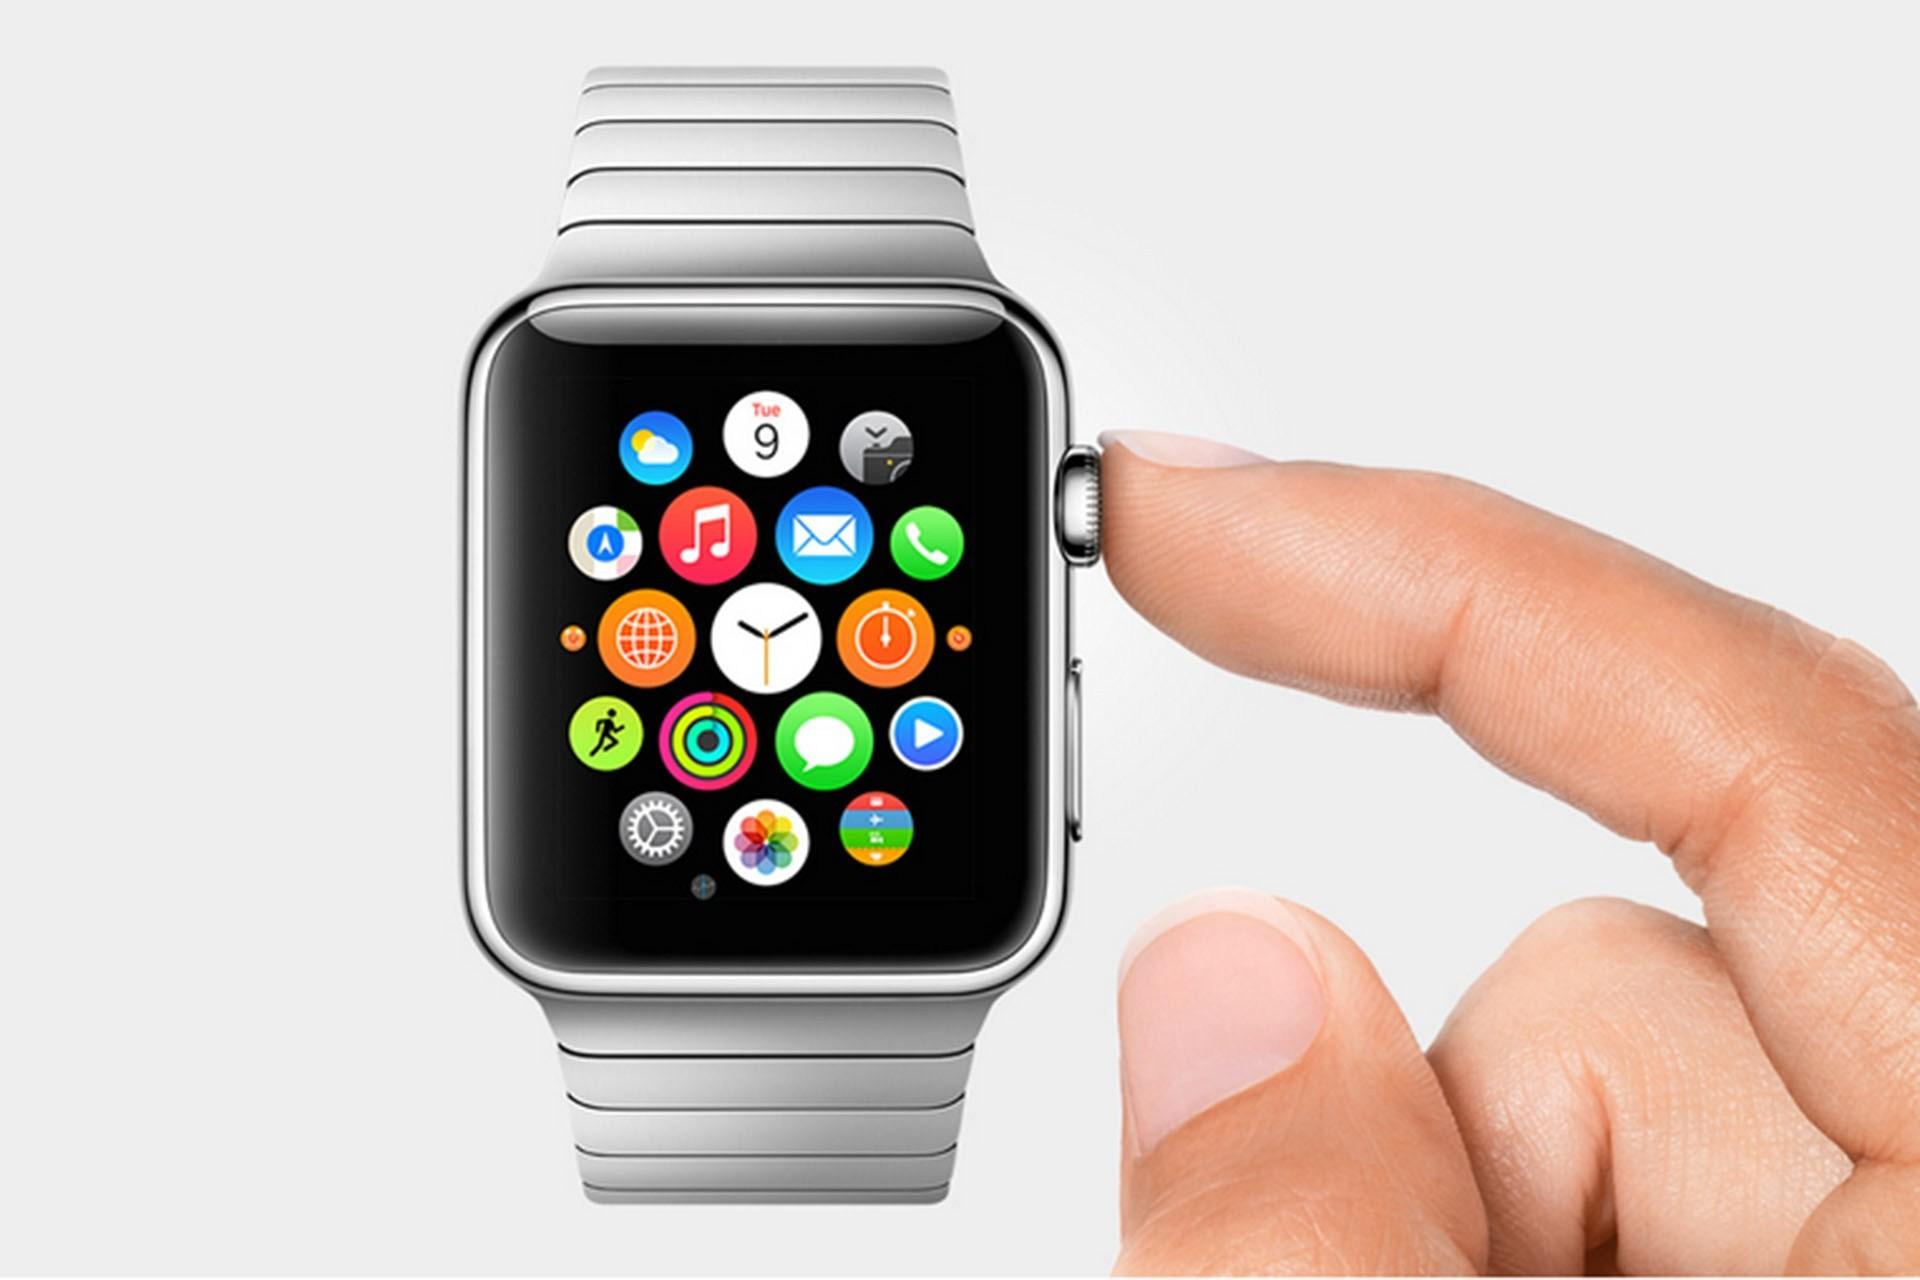 Связной начал оформлять предзаказы на Apple Watch в Новосибирске